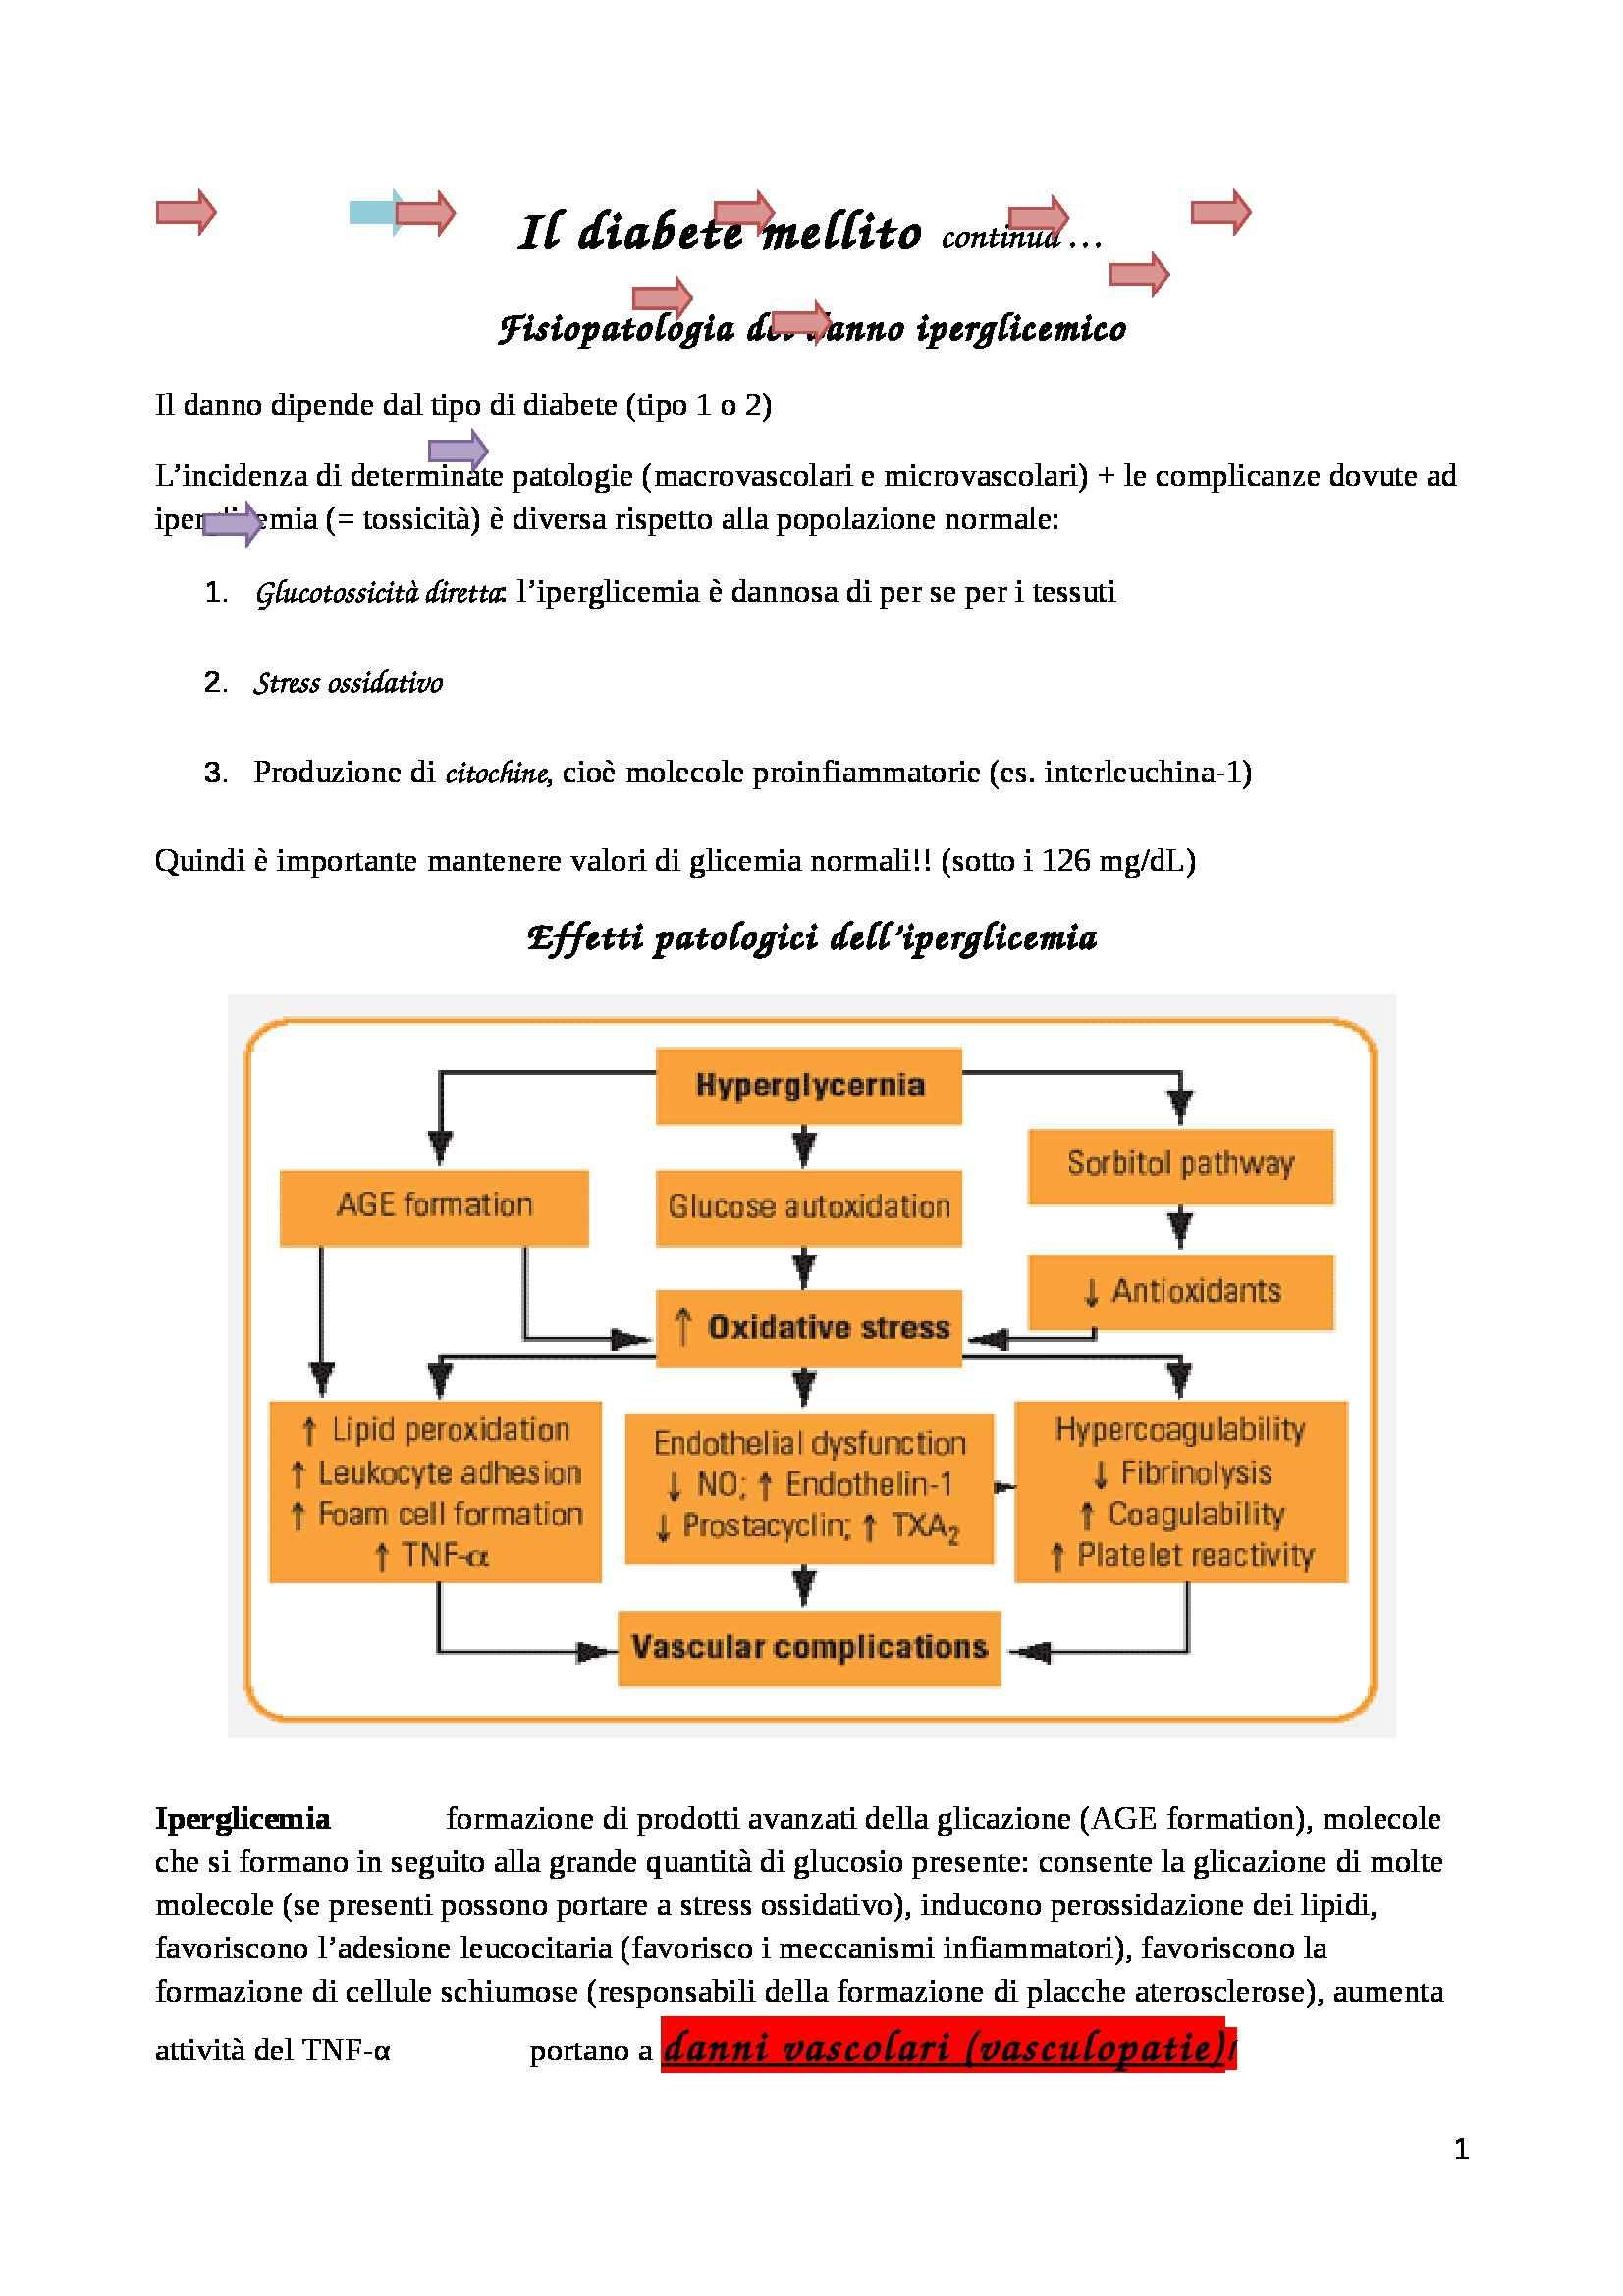 Endocrinologia - diabete